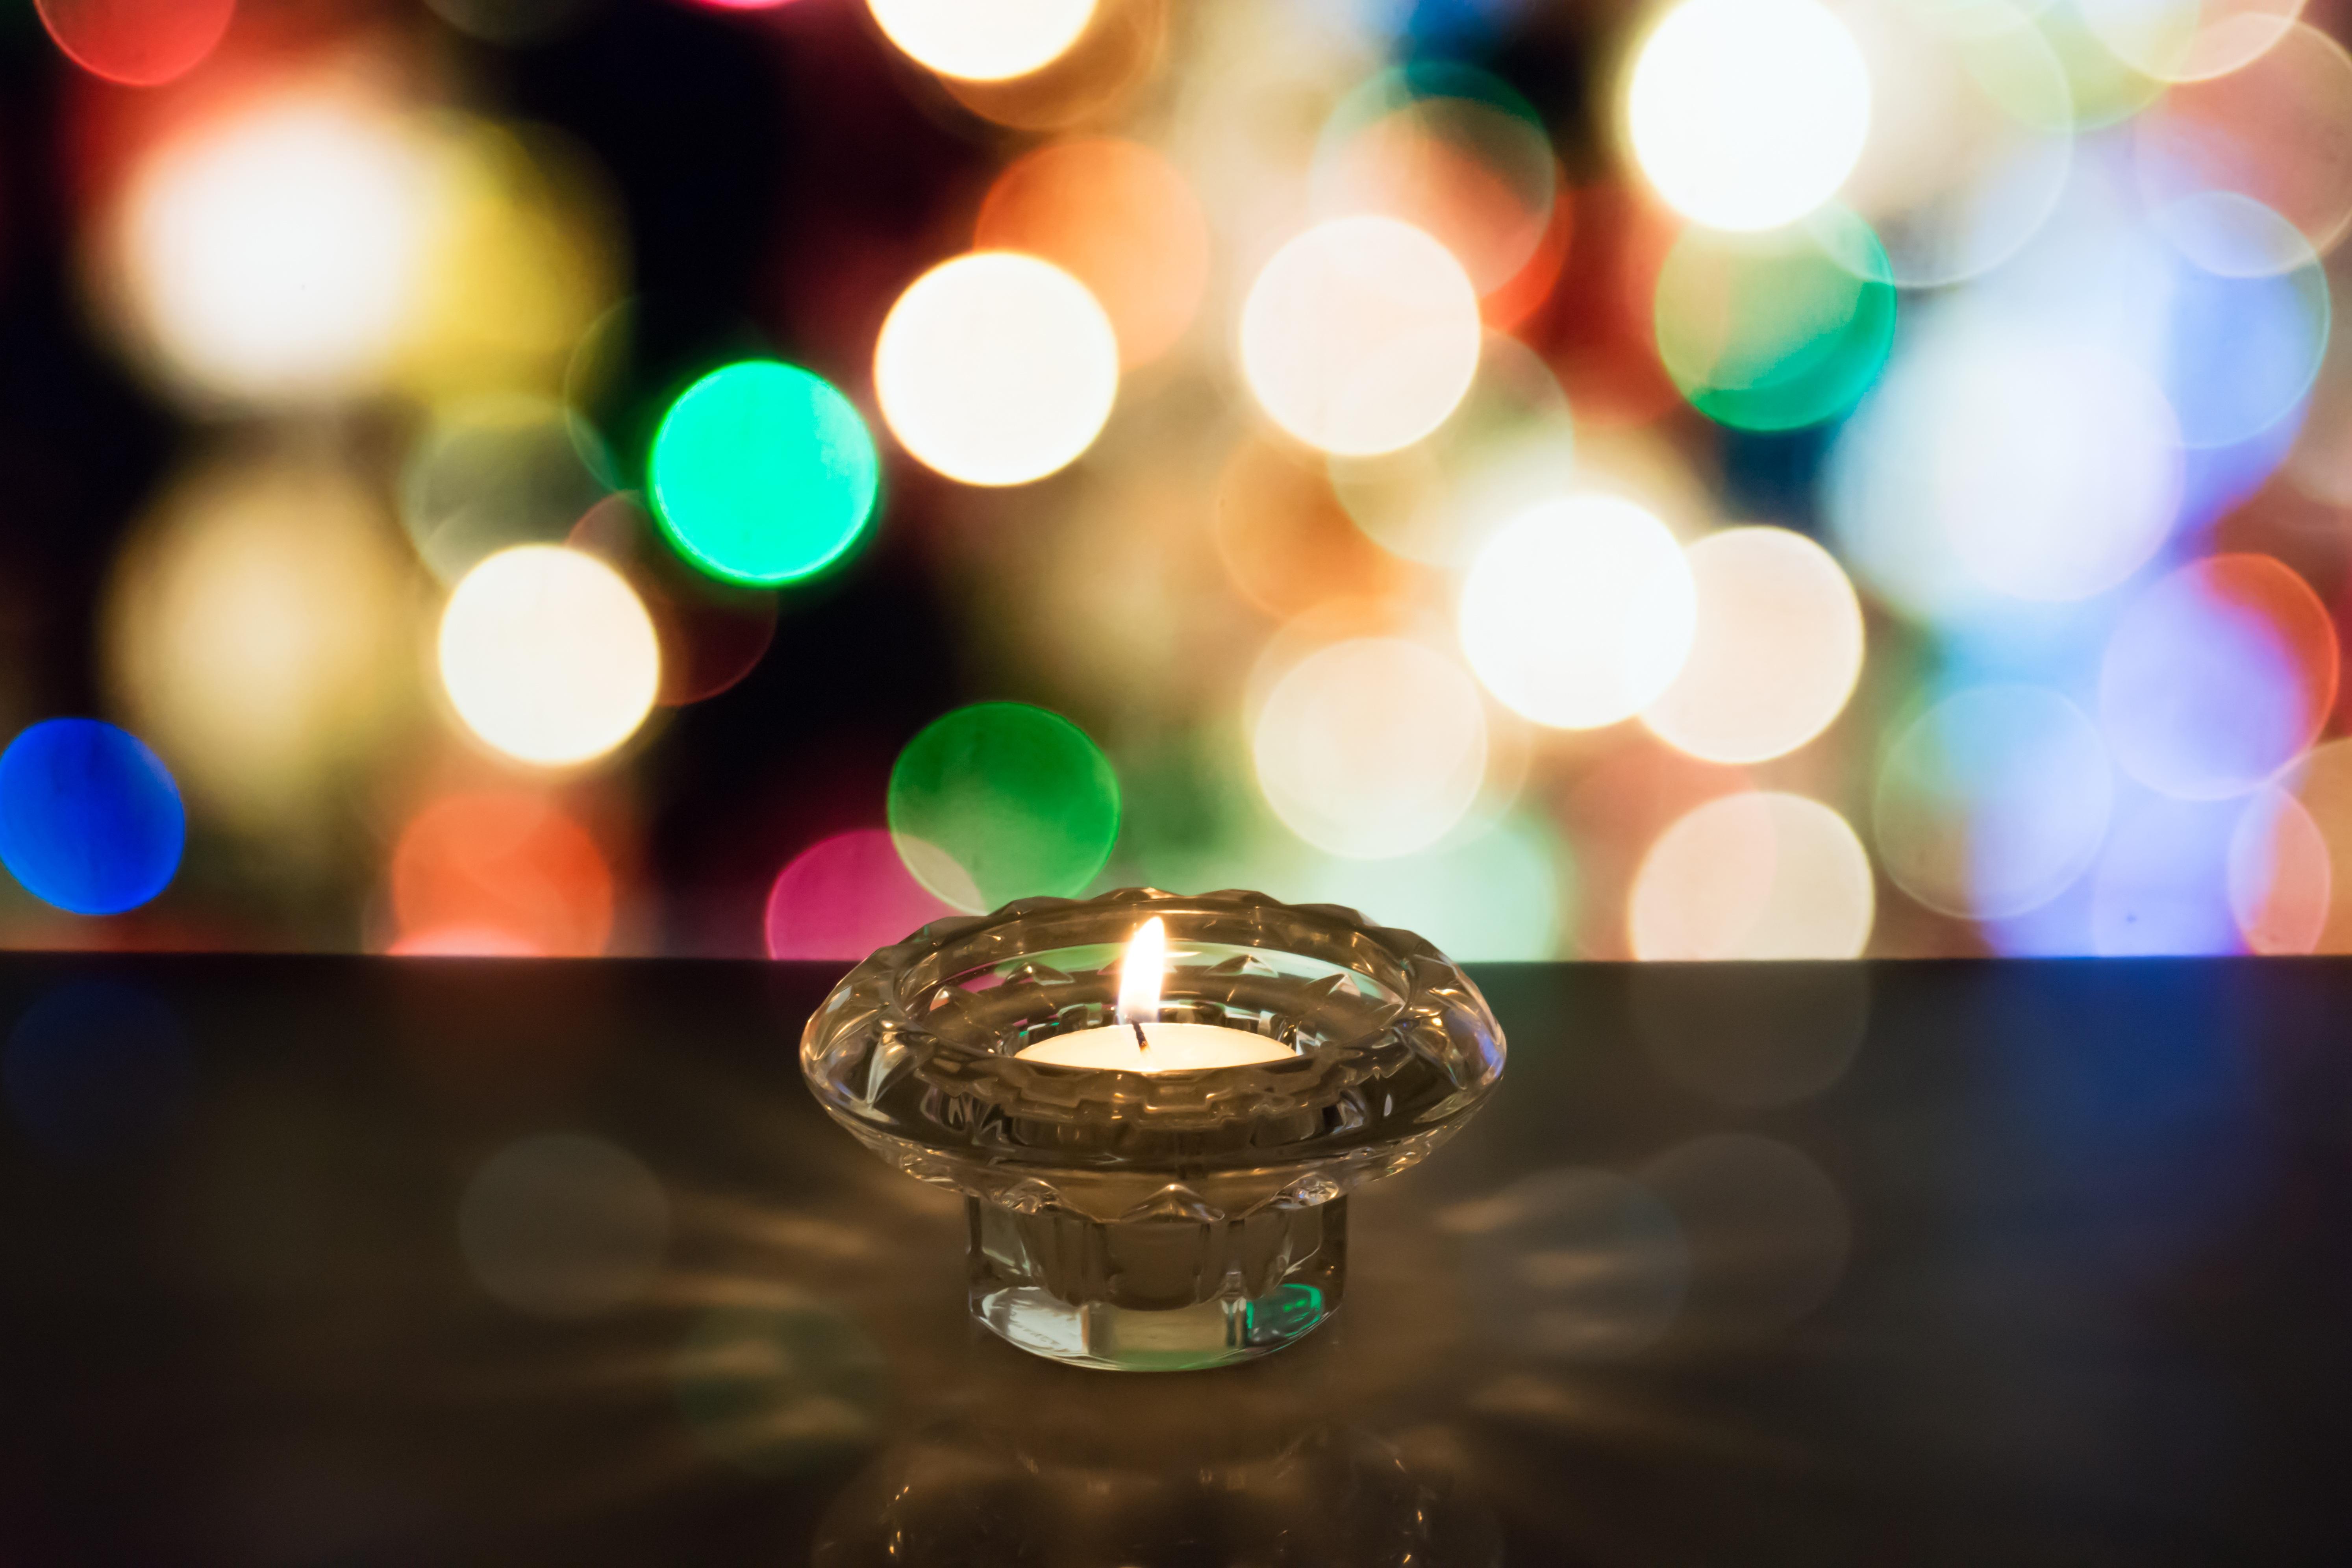 Fotos gratis ligero brillante blanco noche - Decoracion zen fotos ...